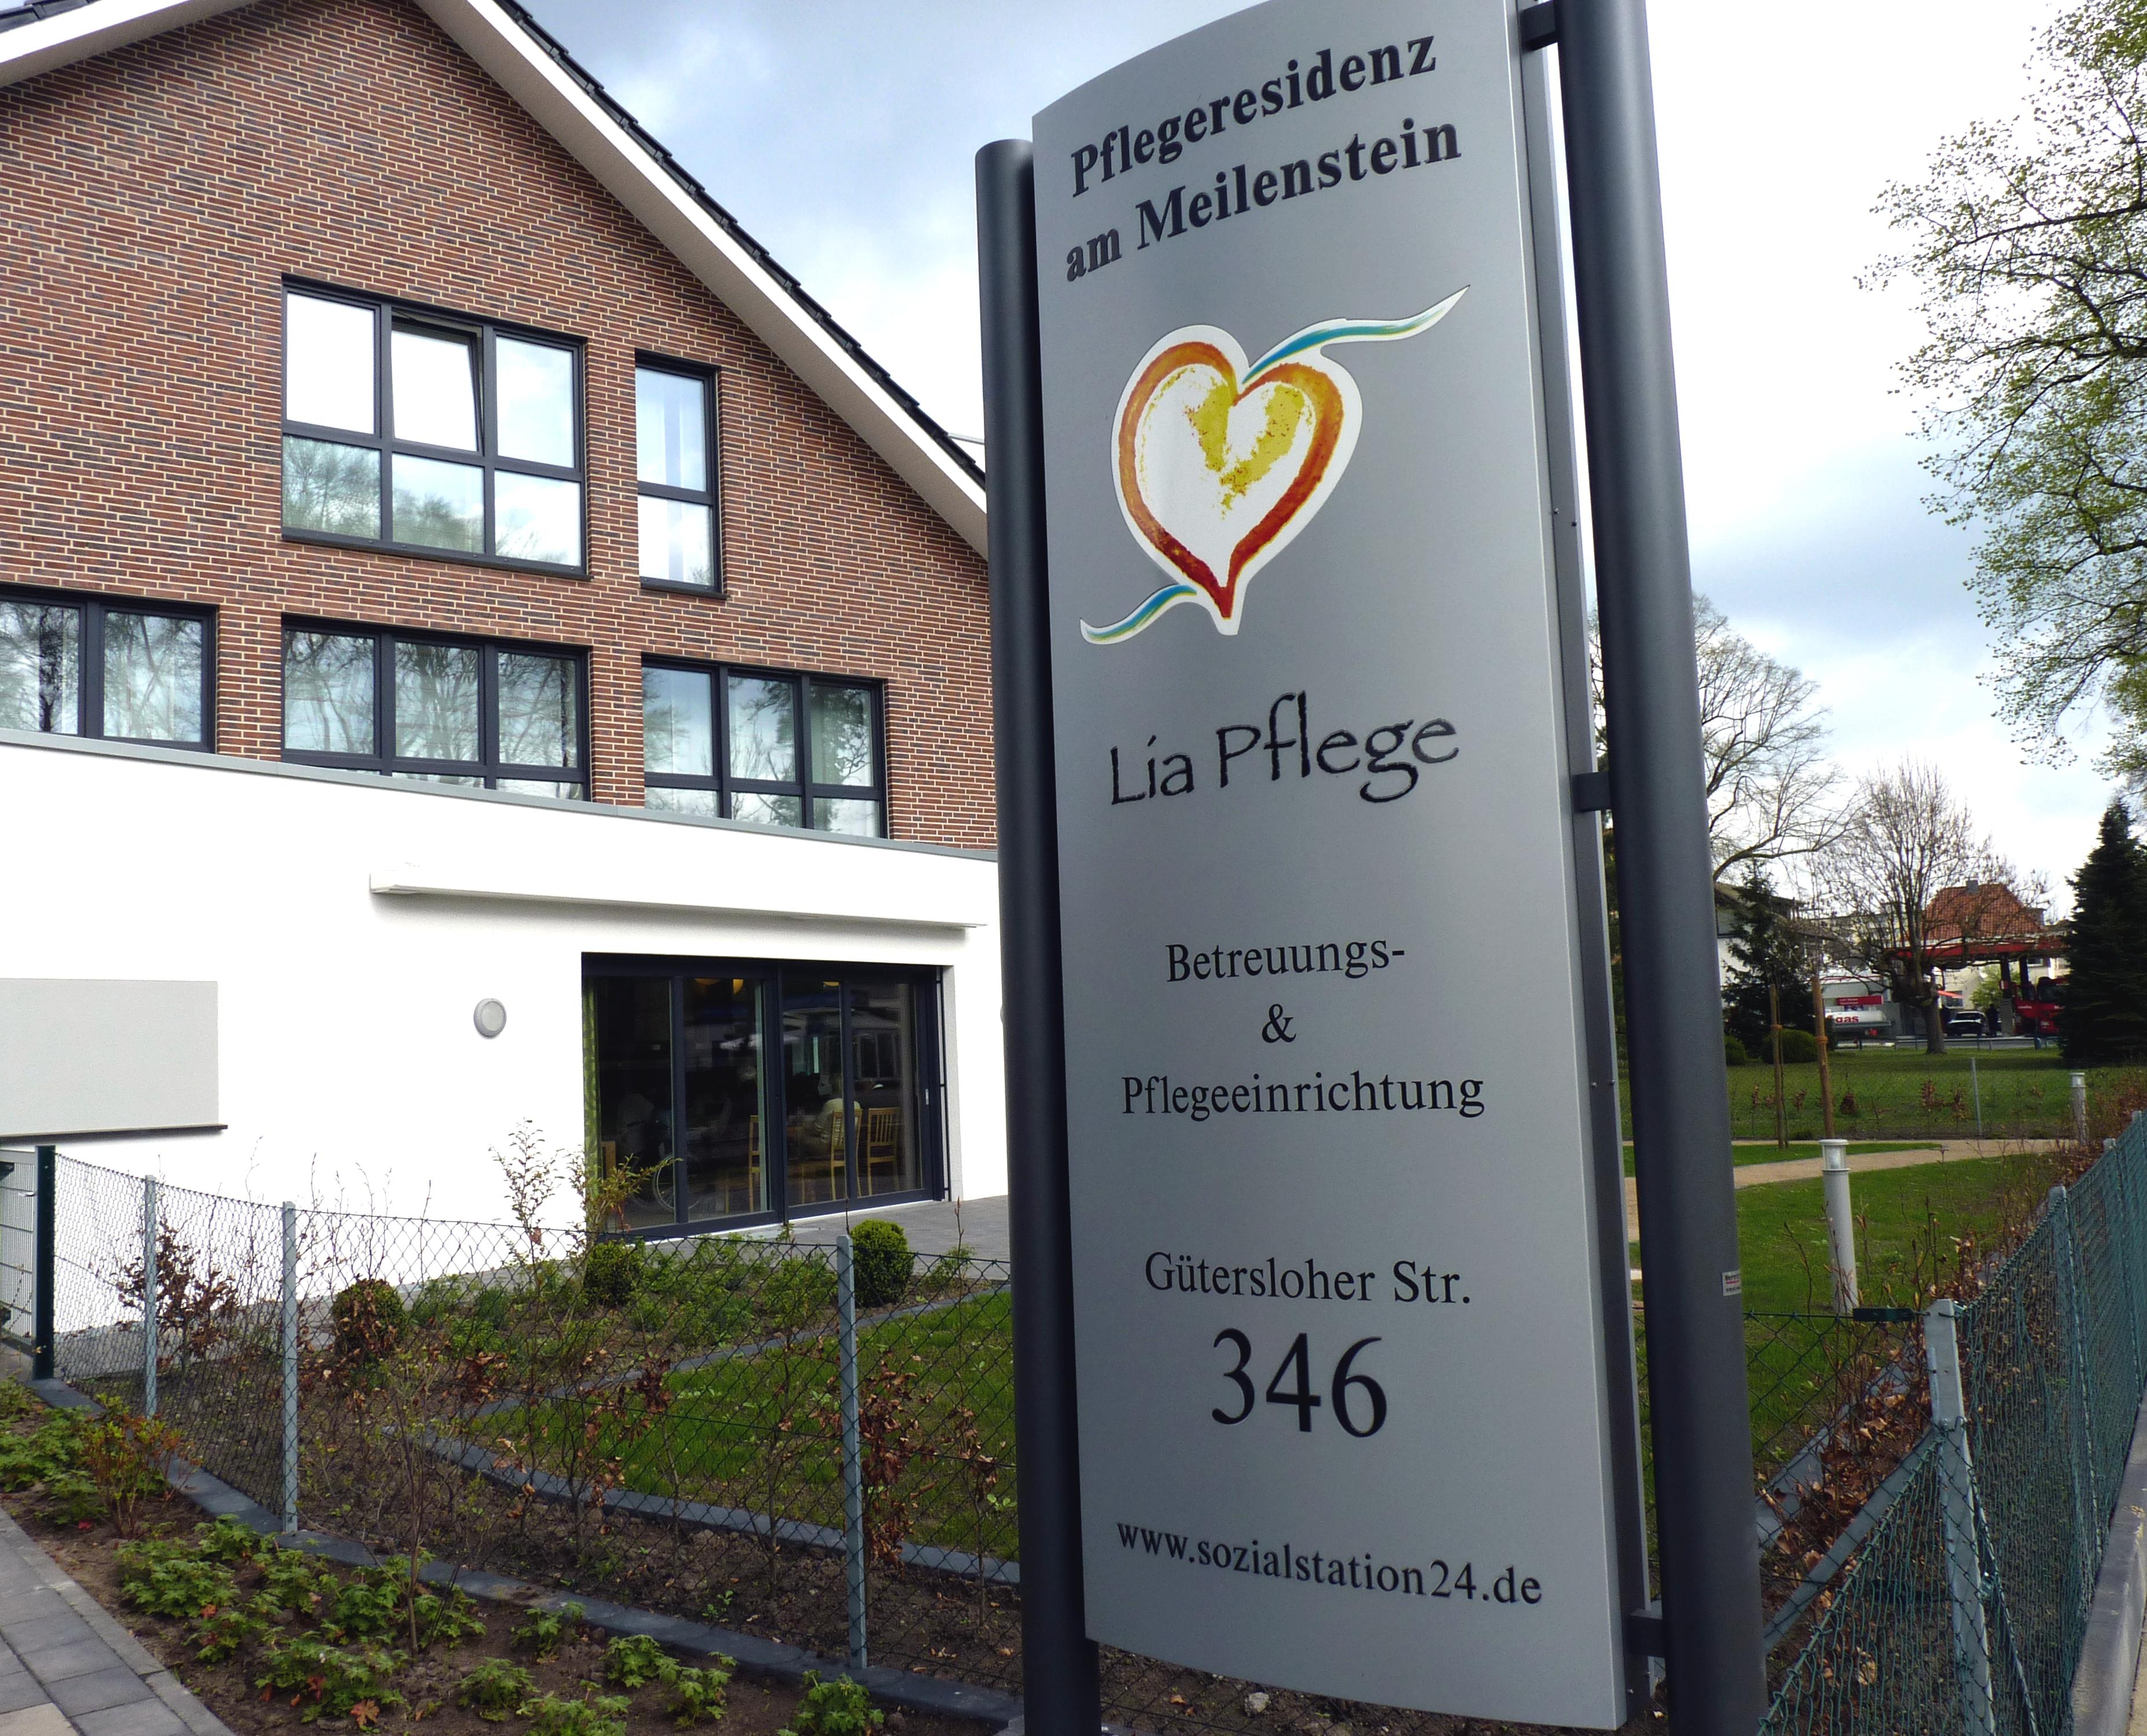 Pflegeheim Bielefeld - Pflegeresidenz am Meilenstein in Ummeln